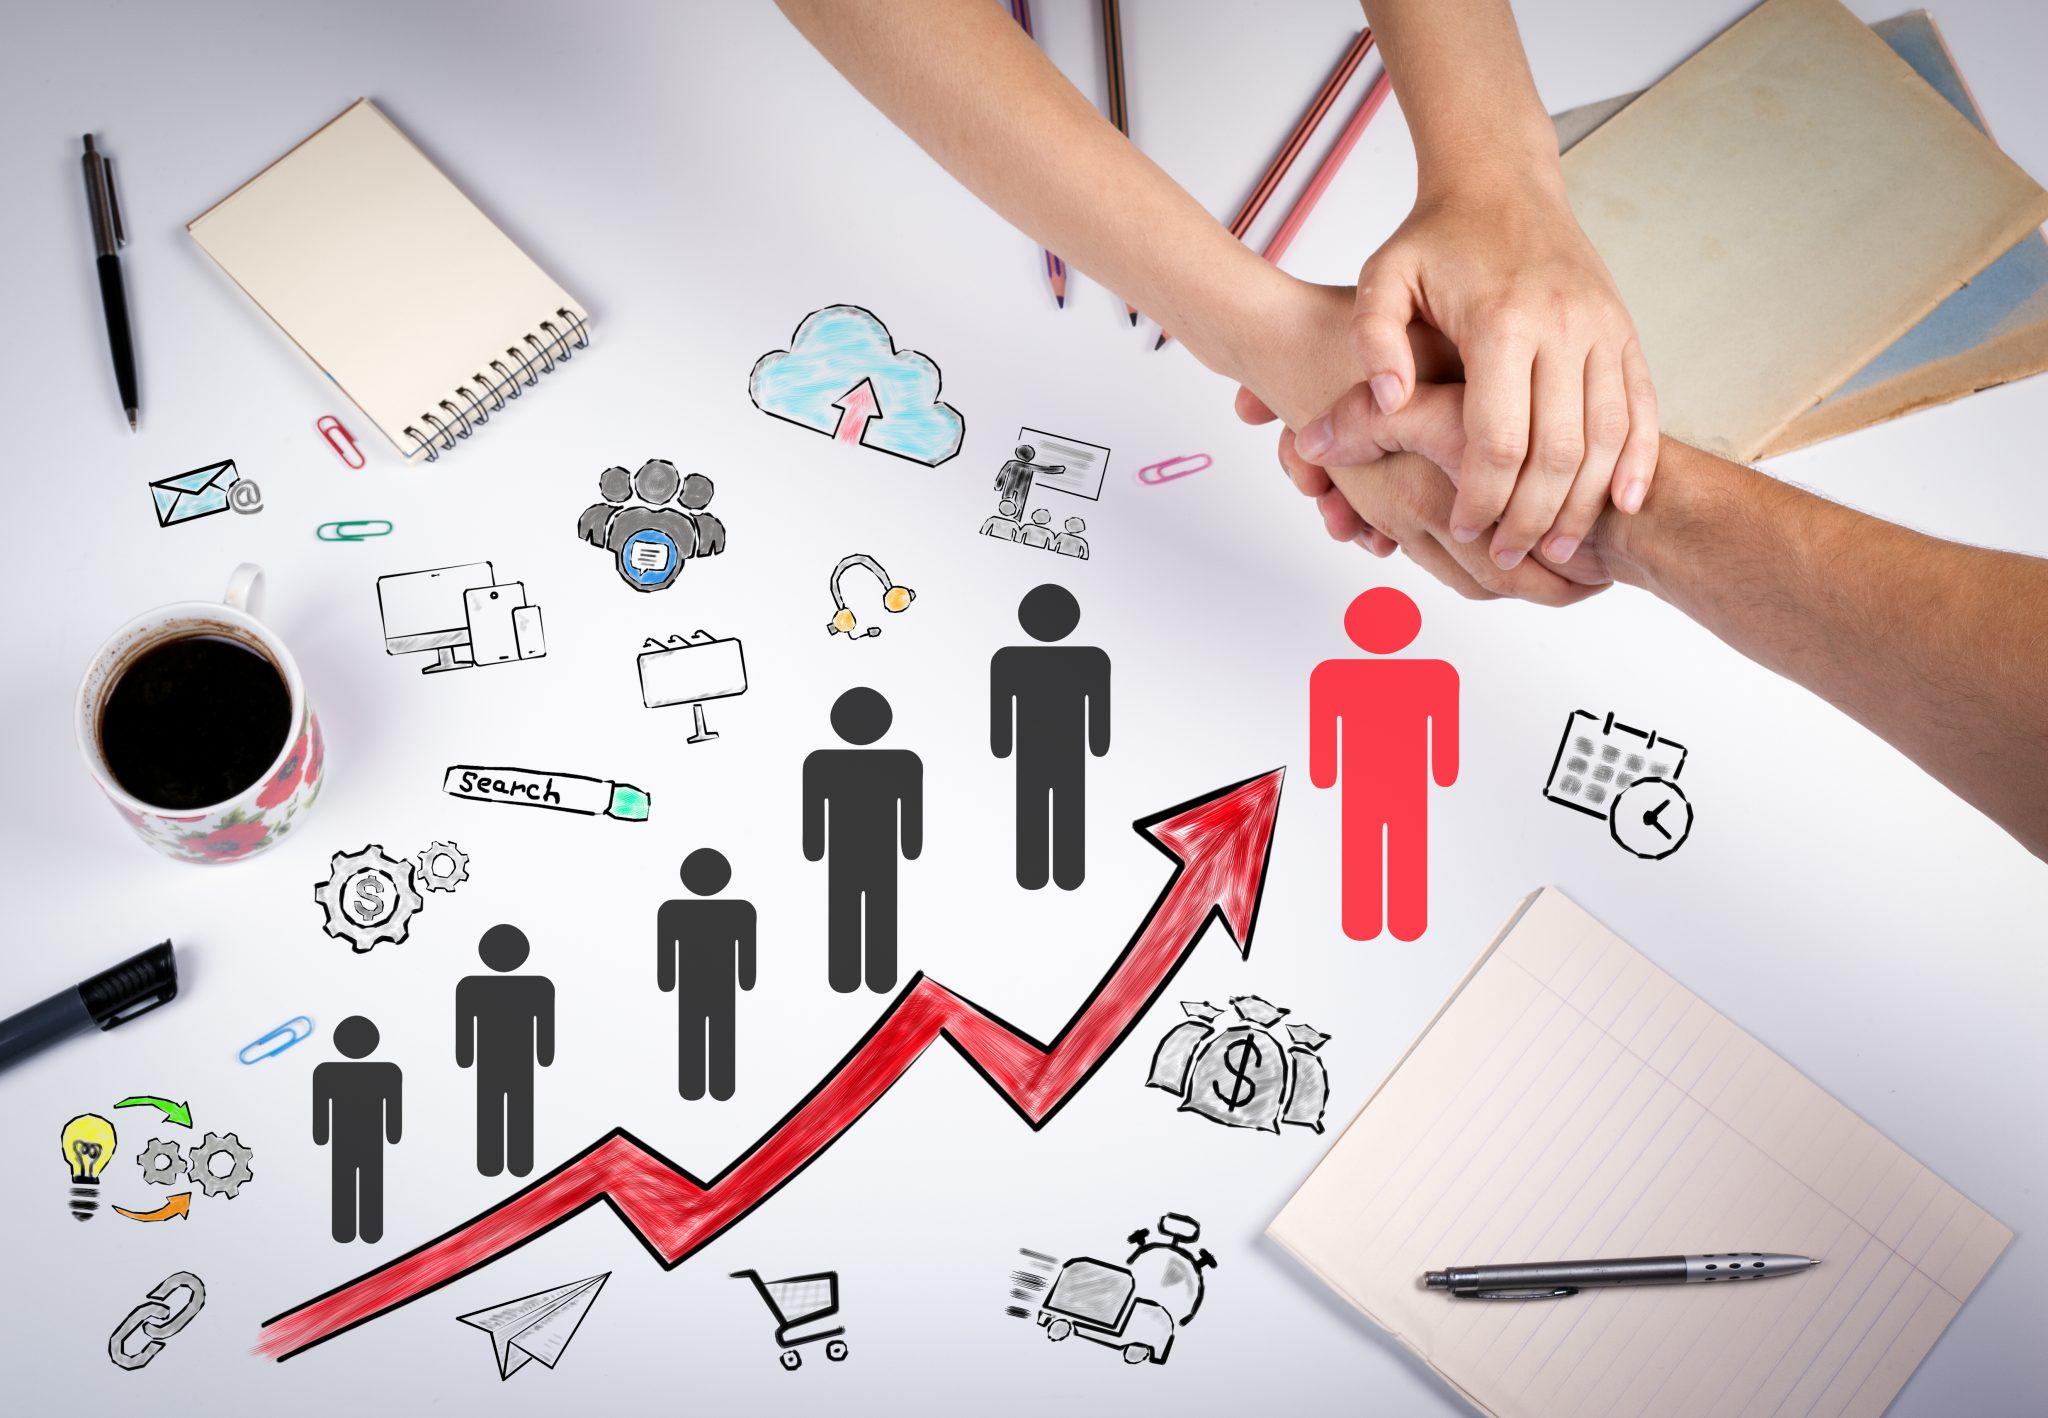 Come Trovare Lavoro Grazie ad Internet e 7 Dritte per Affrontare il Colloquio di Lavoro con Successo